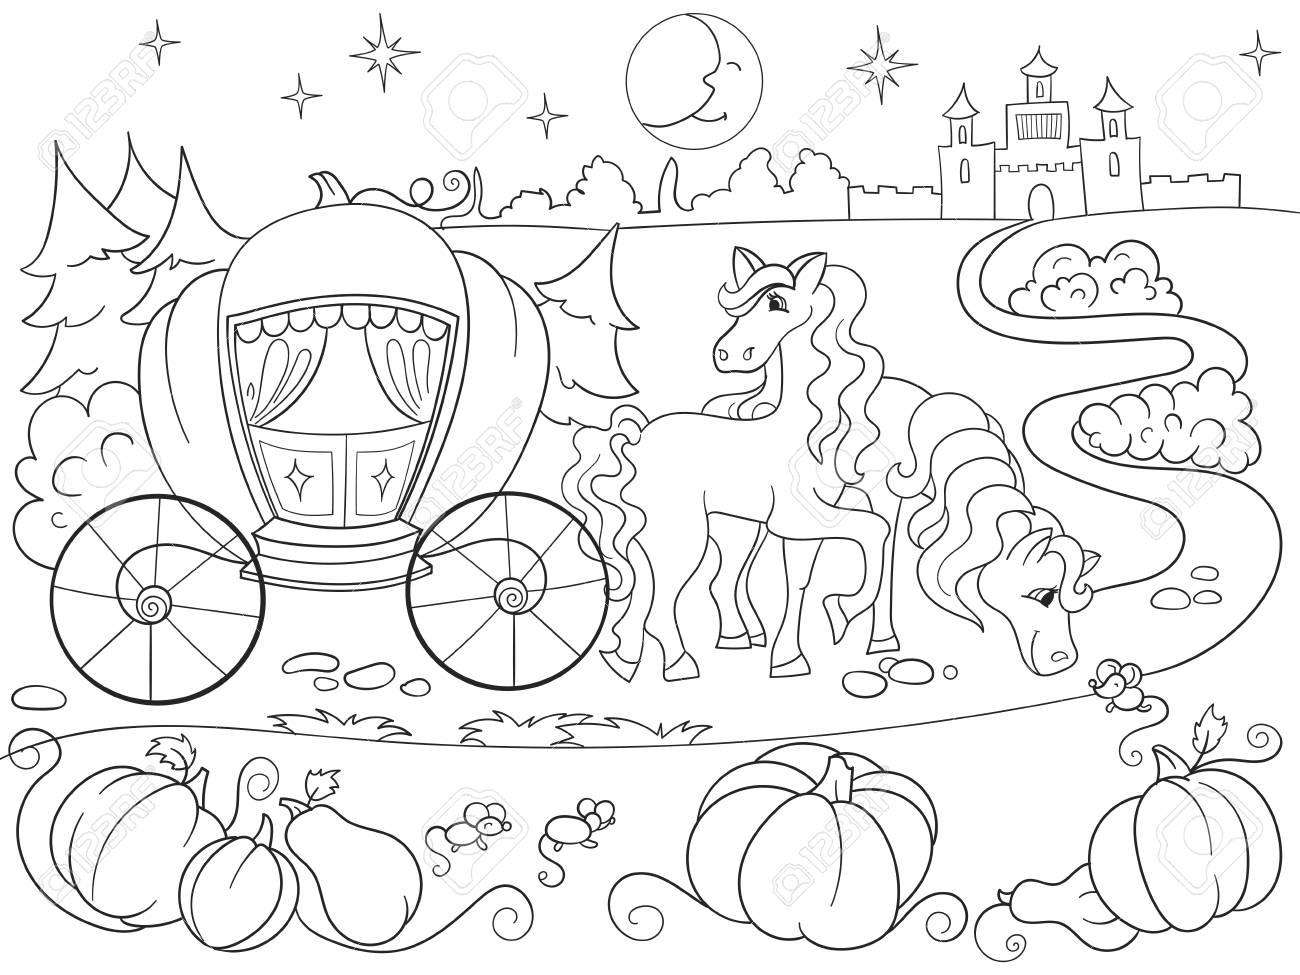 シンデレラのおとぎ話子供漫画のベクトル イラストの塗り絵 の写真素材